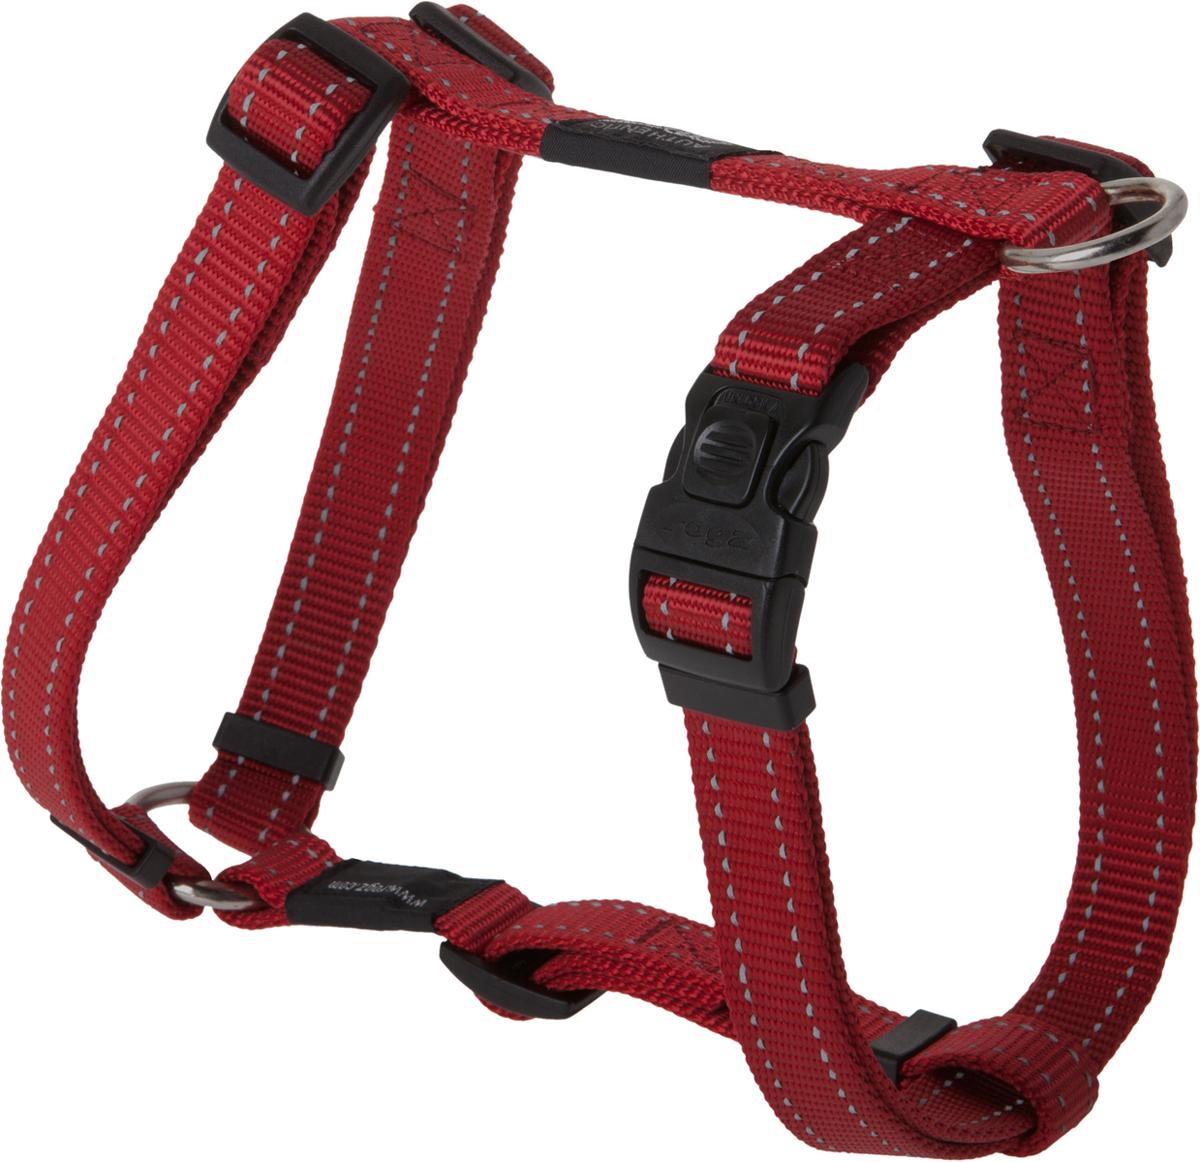 Шлейка для собак Rogz Utility, цвет: красный, ширина 2 см. Размер LSJ06CШлейка для собак Rogz Utility со светоотражающей нитью, вплетенной в нейлоновую ленту, обеспечивает лучшую видимость собаки в темное время суток. Специальная конструкция пряжки Rog Loc - очень крепкая (система Fort Knox). Замок может быть расстегнут только рукой человека. Технология распределения нагрузки позволяет снизить нагрузку на пряжки, изготовленные из титанового пластика, с помощью правильного и разумного расположения грузовых колец, благодаря чему, даже при самых сильных рывках, изделие не рвется и не деформируется.Выполненные специально по заказу ROGZ литые кольца гальванически хромированы, что позволяет избежать коррозии и потускнения изделия.